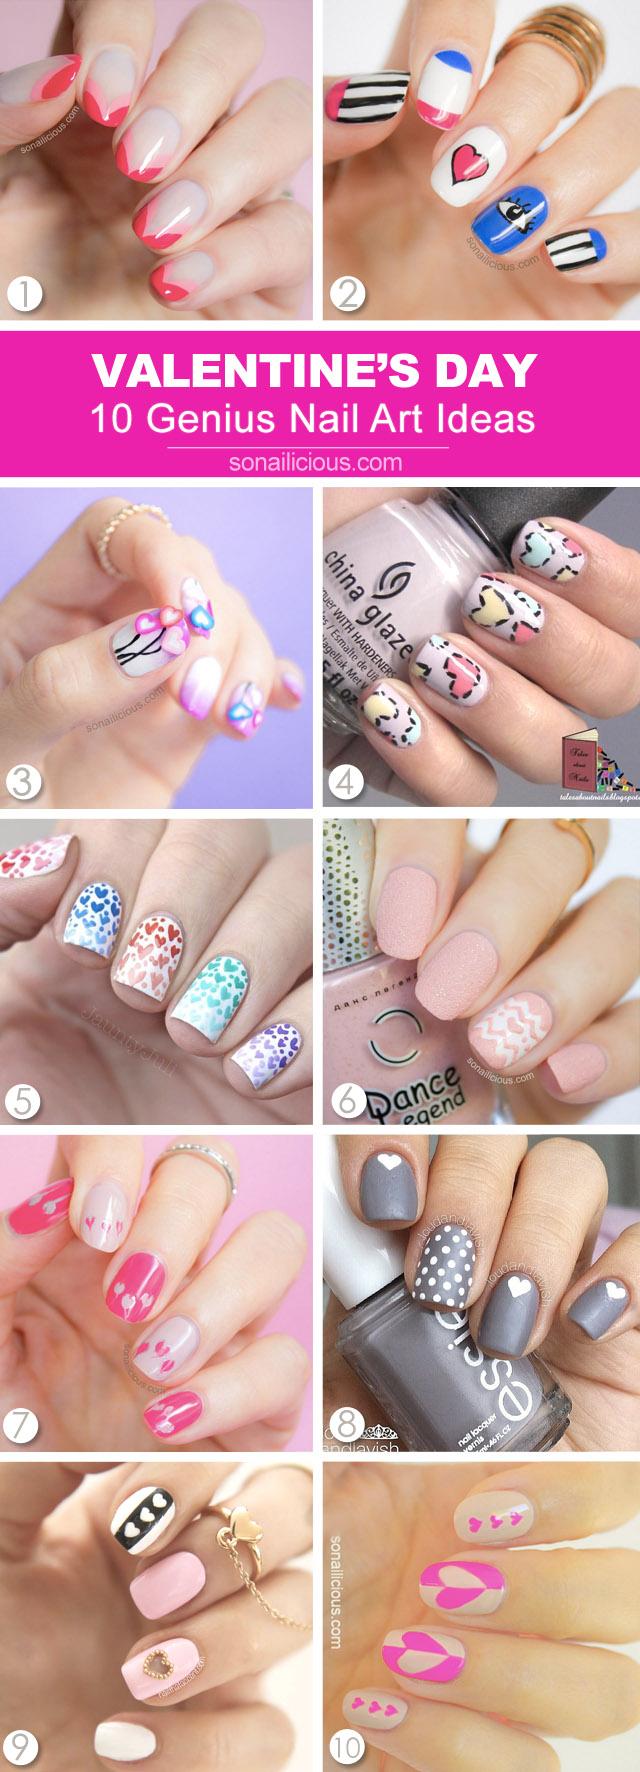 10 best valentines day nail art ideas